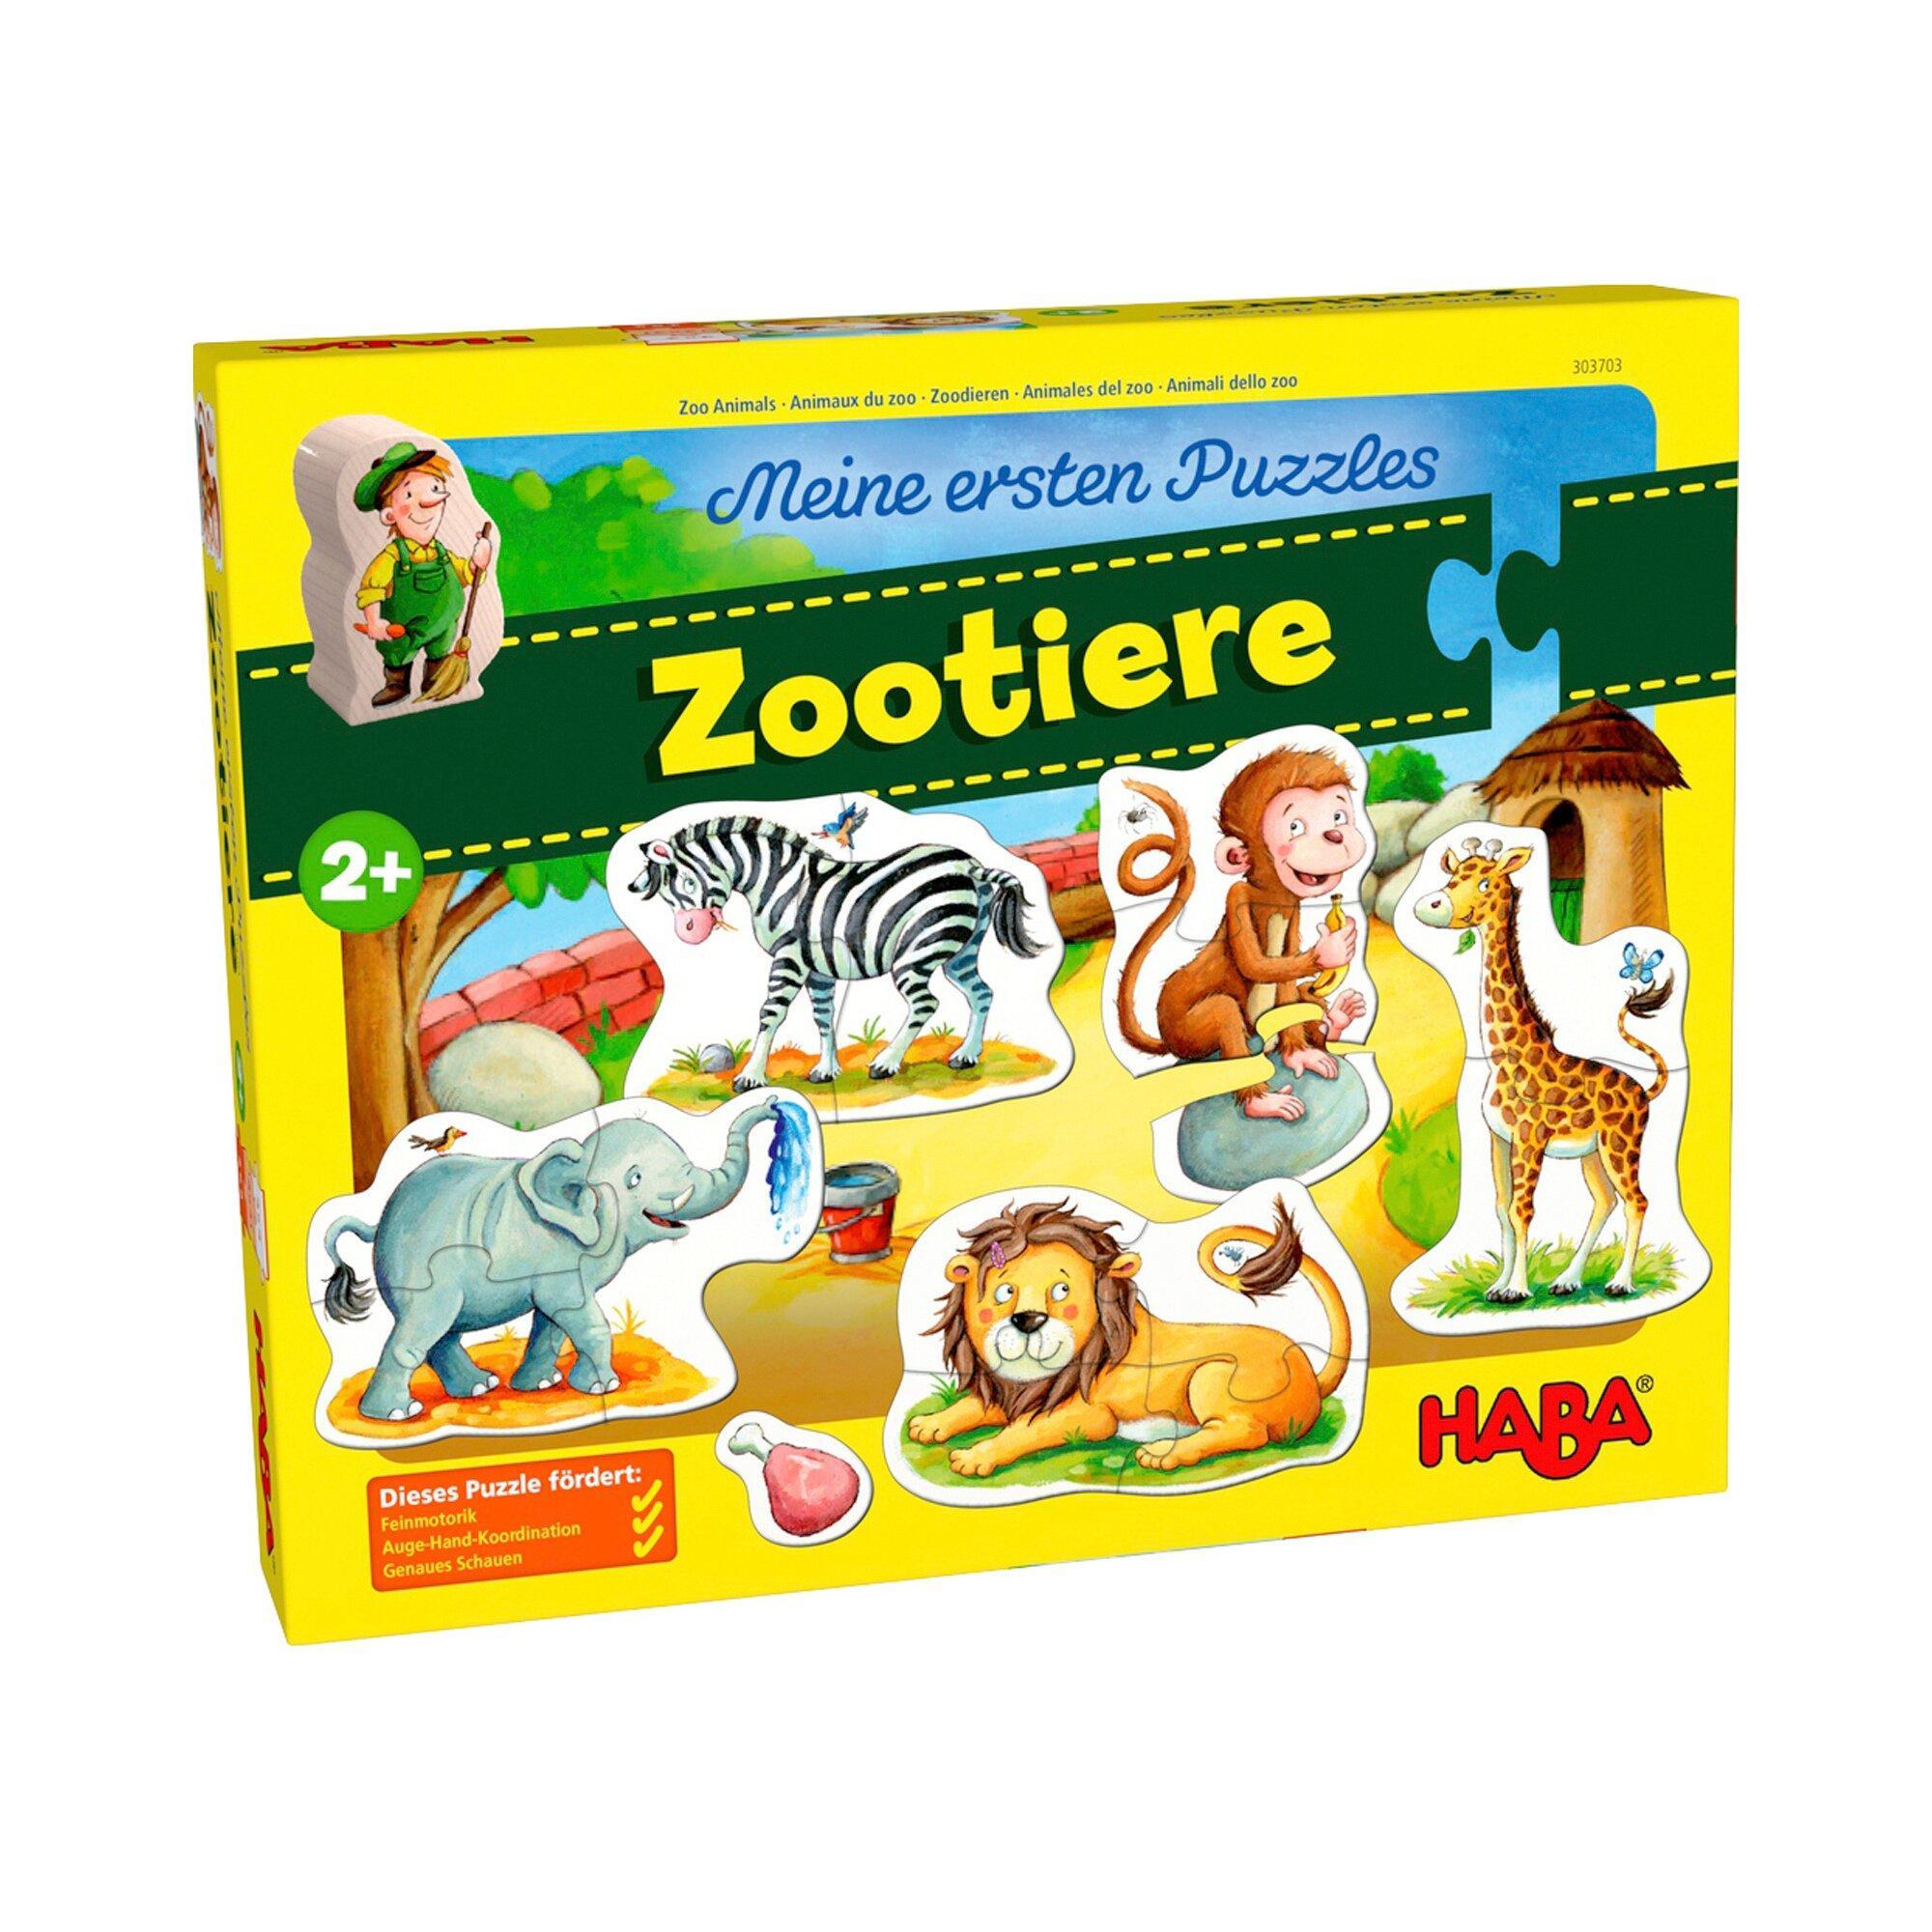 Meine ersten Puzzles - Zootiere